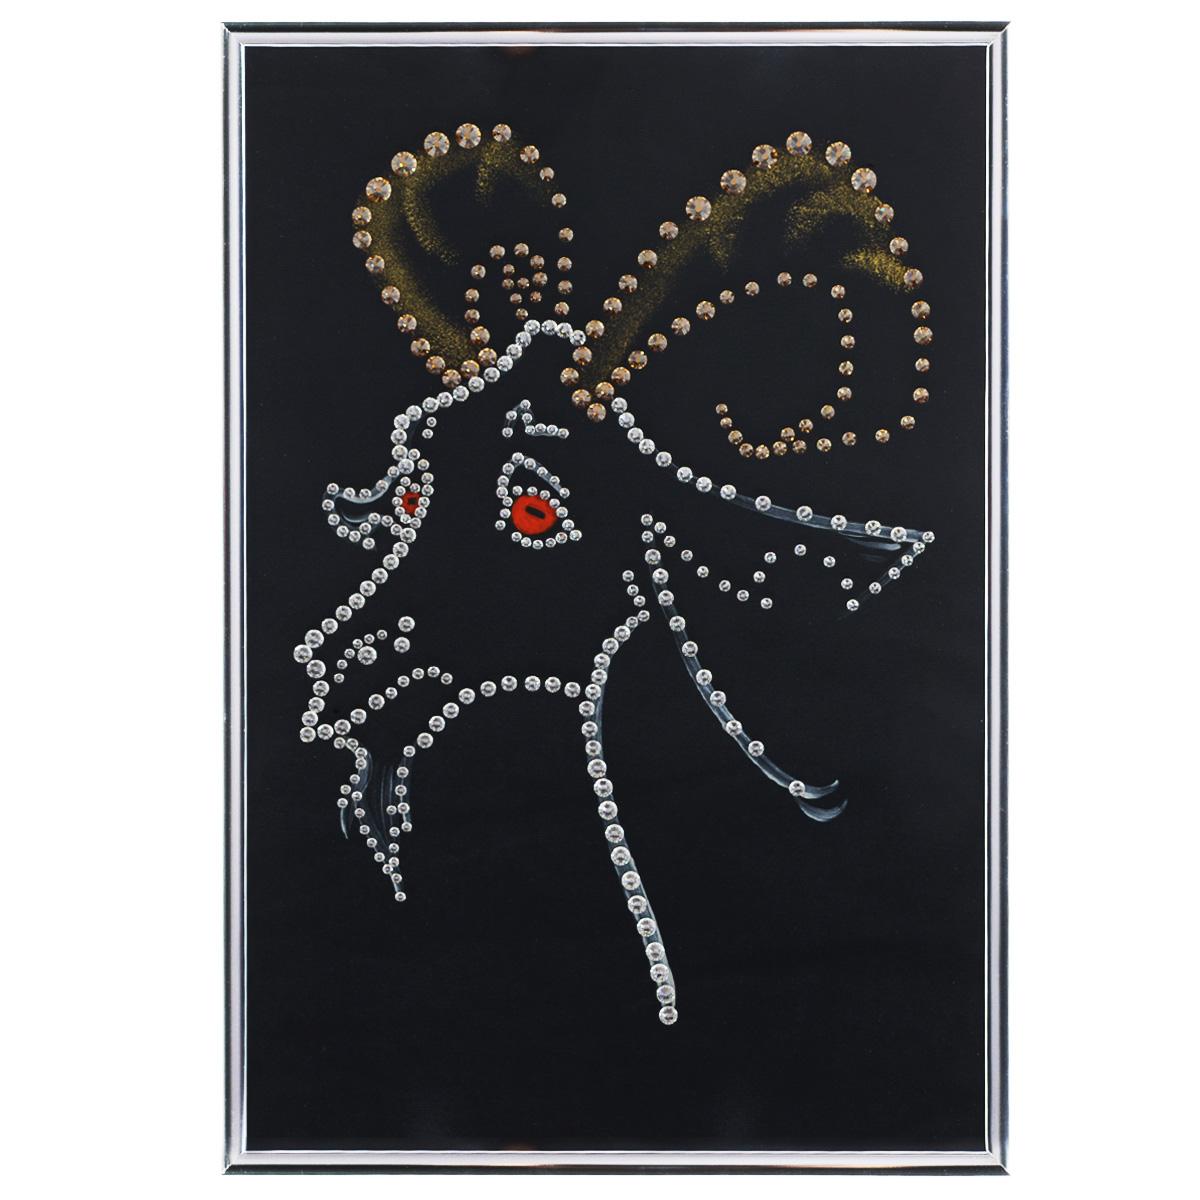 Картина с кристаллами Swarovski Подарок года, 20 х 30 см1542Изящная картина в металлической раме, инкрустирована кристаллами Swarovski, которые отличаются четкой и ровной огранкой, ярким блеском и чистотой цвета. Красочное изображение козла, расположенное под стеклом, прекрасно дополняет блеск кристаллов. С обратной стороны имеется металлическая петелька для размещения картины на стене. Картина с кристаллами Swarovski Подарок года элегантно украсит интерьер дома или офиса, а также станет прекрасным подарком, который обязательно понравится получателю. Блеск кристаллов в интерьере, что может быть сказочнее и удивительнее. Картина упакована в подарочную картонную коробку синего цвета и комплектуется сертификатом соответствия Swarovski.